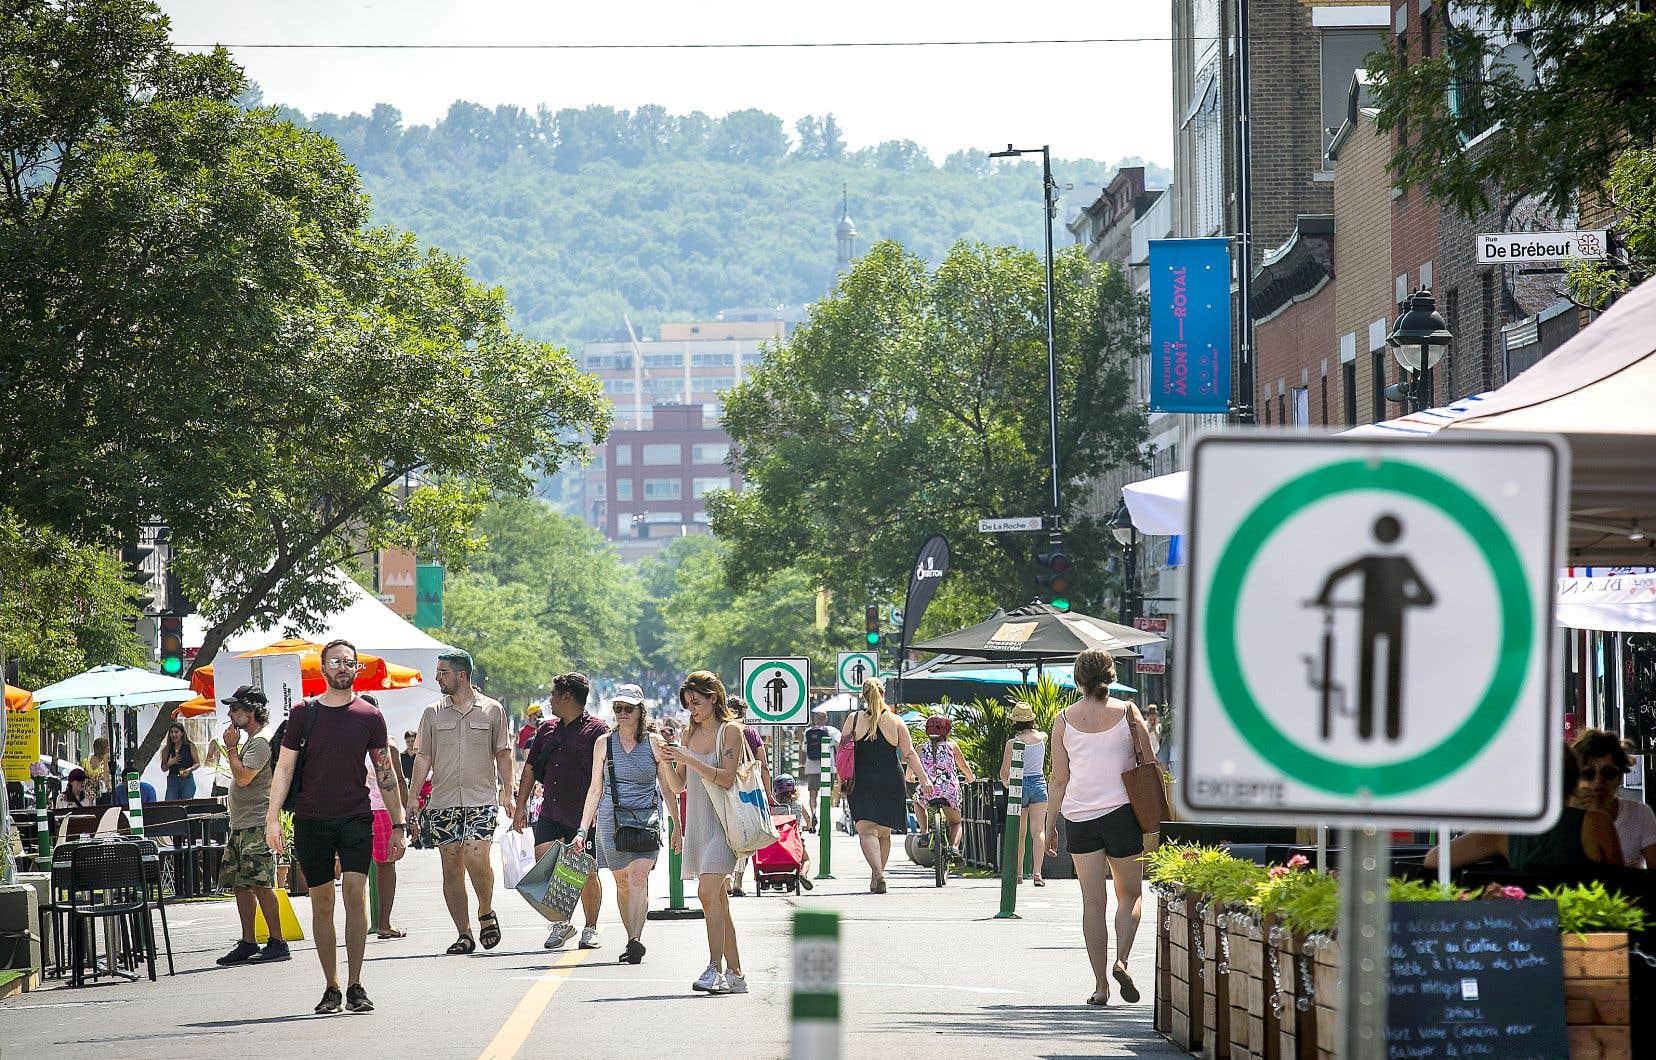 L'an dernier, les cyclistes zigzaguant à haute vitesse entre les piétons sur l'avenue du Mont-Royal avaient suscité beaucoup de mécontentement. L'artère montréalaise sera piétonne à compter du 18juin cette année.